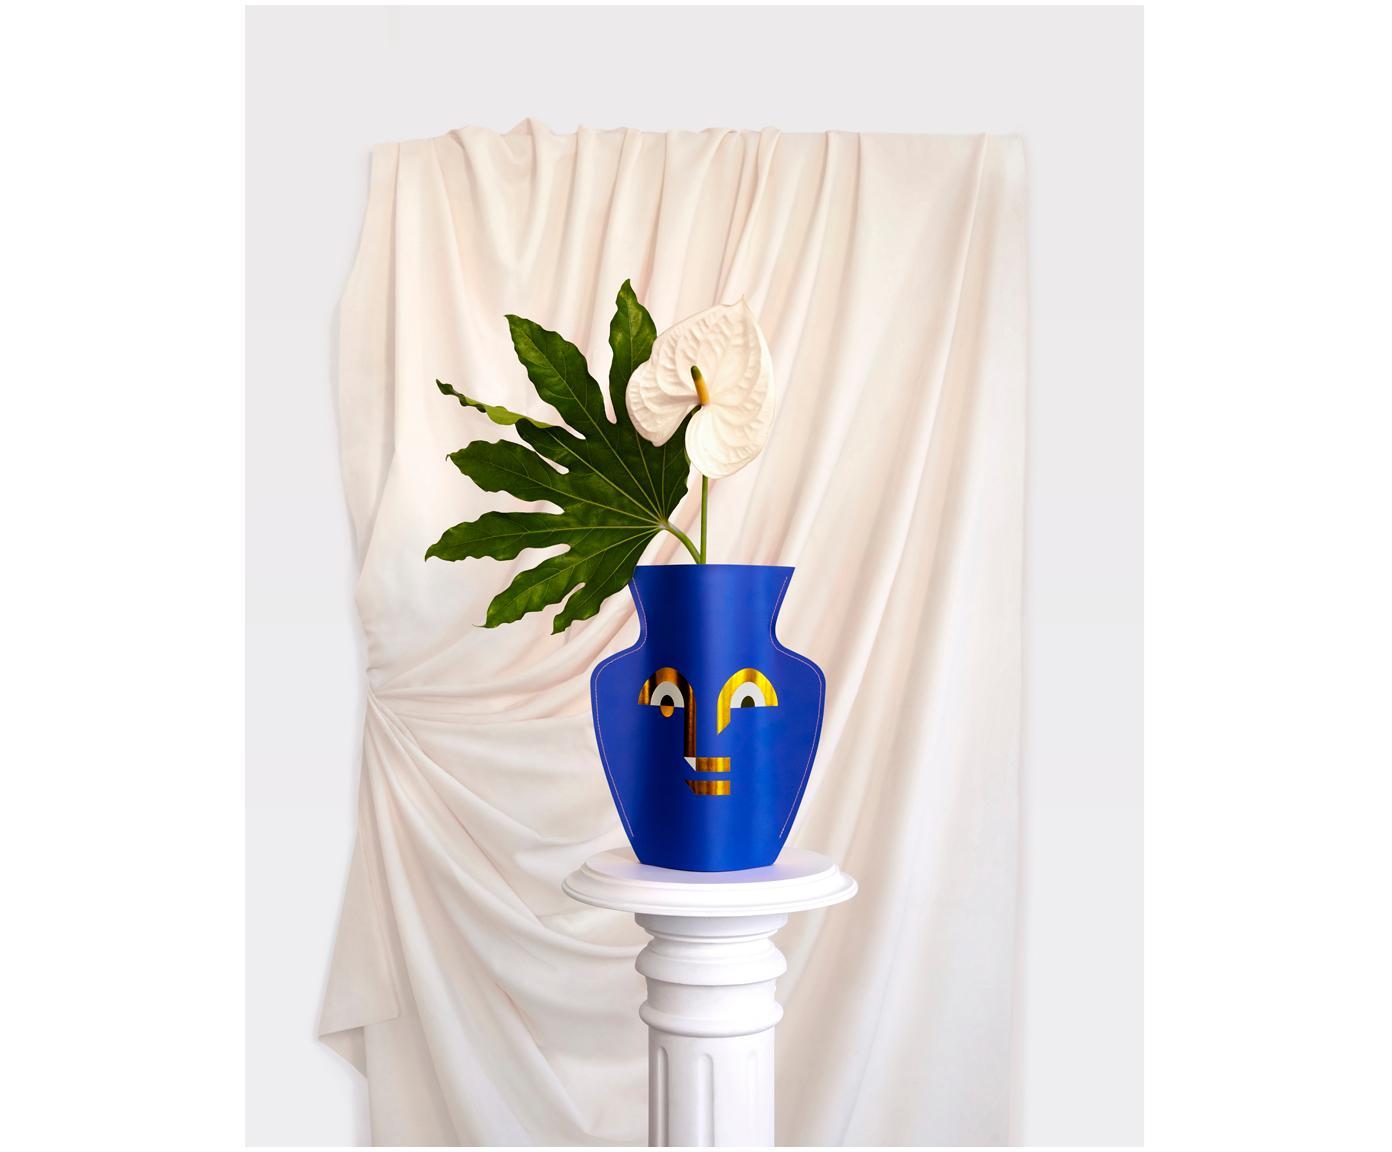 Handgefertigte Deko-Papiervase Apollo, Blau, Rosa, Goldfarben, 27 x 29 cm